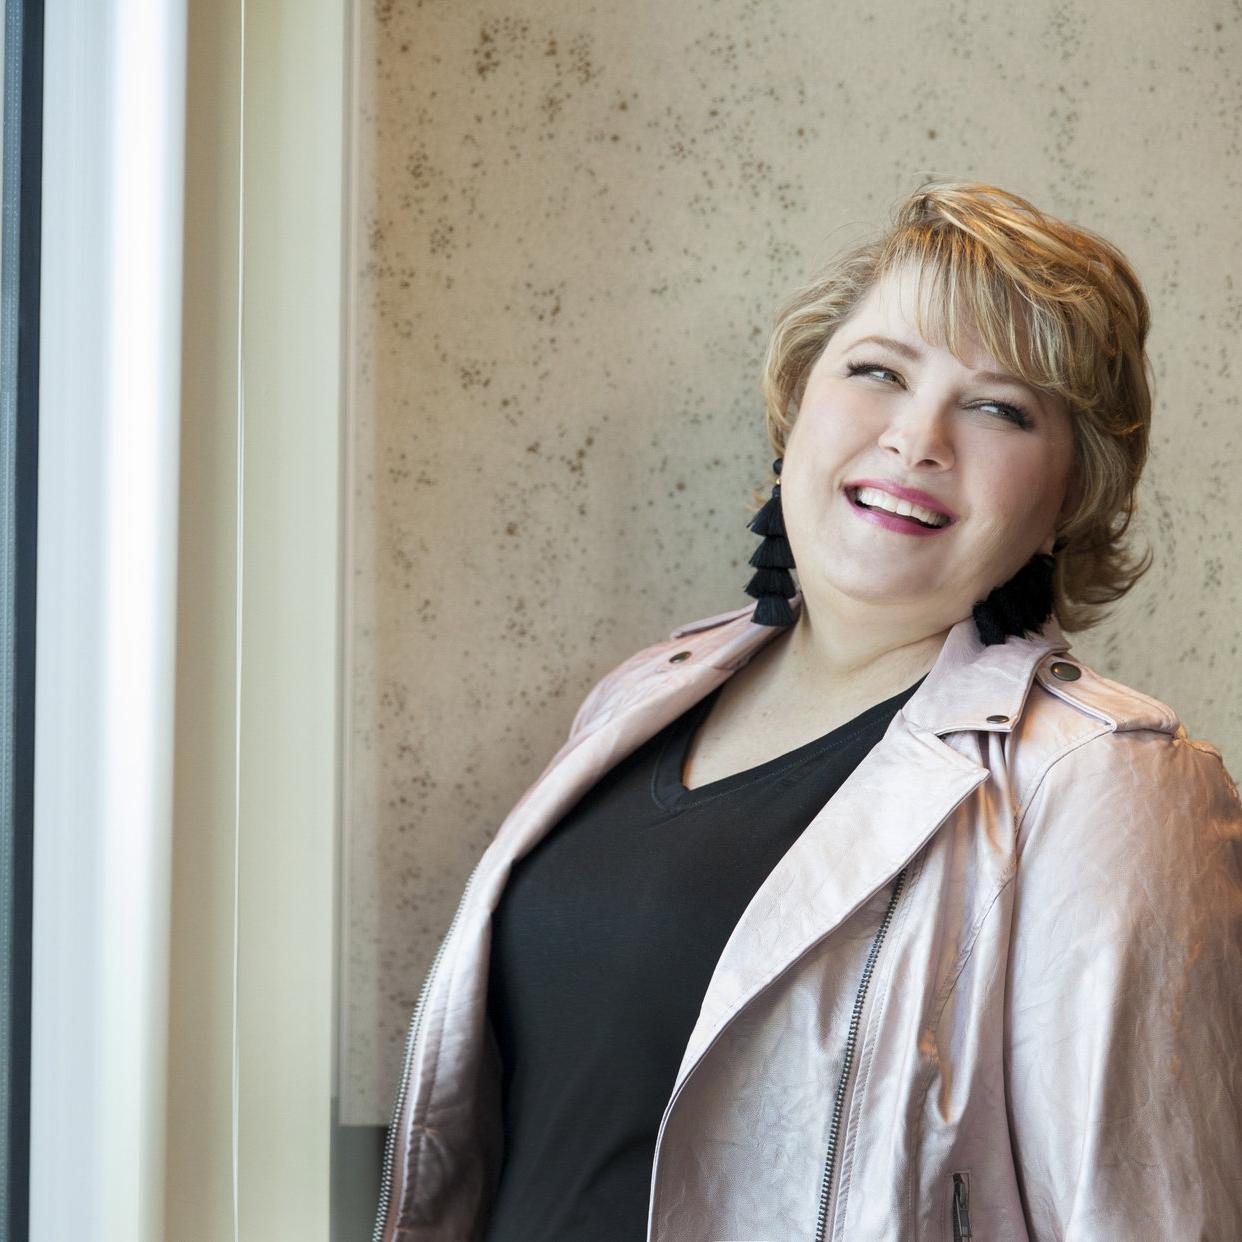 Learn More About Lisa Rehurek